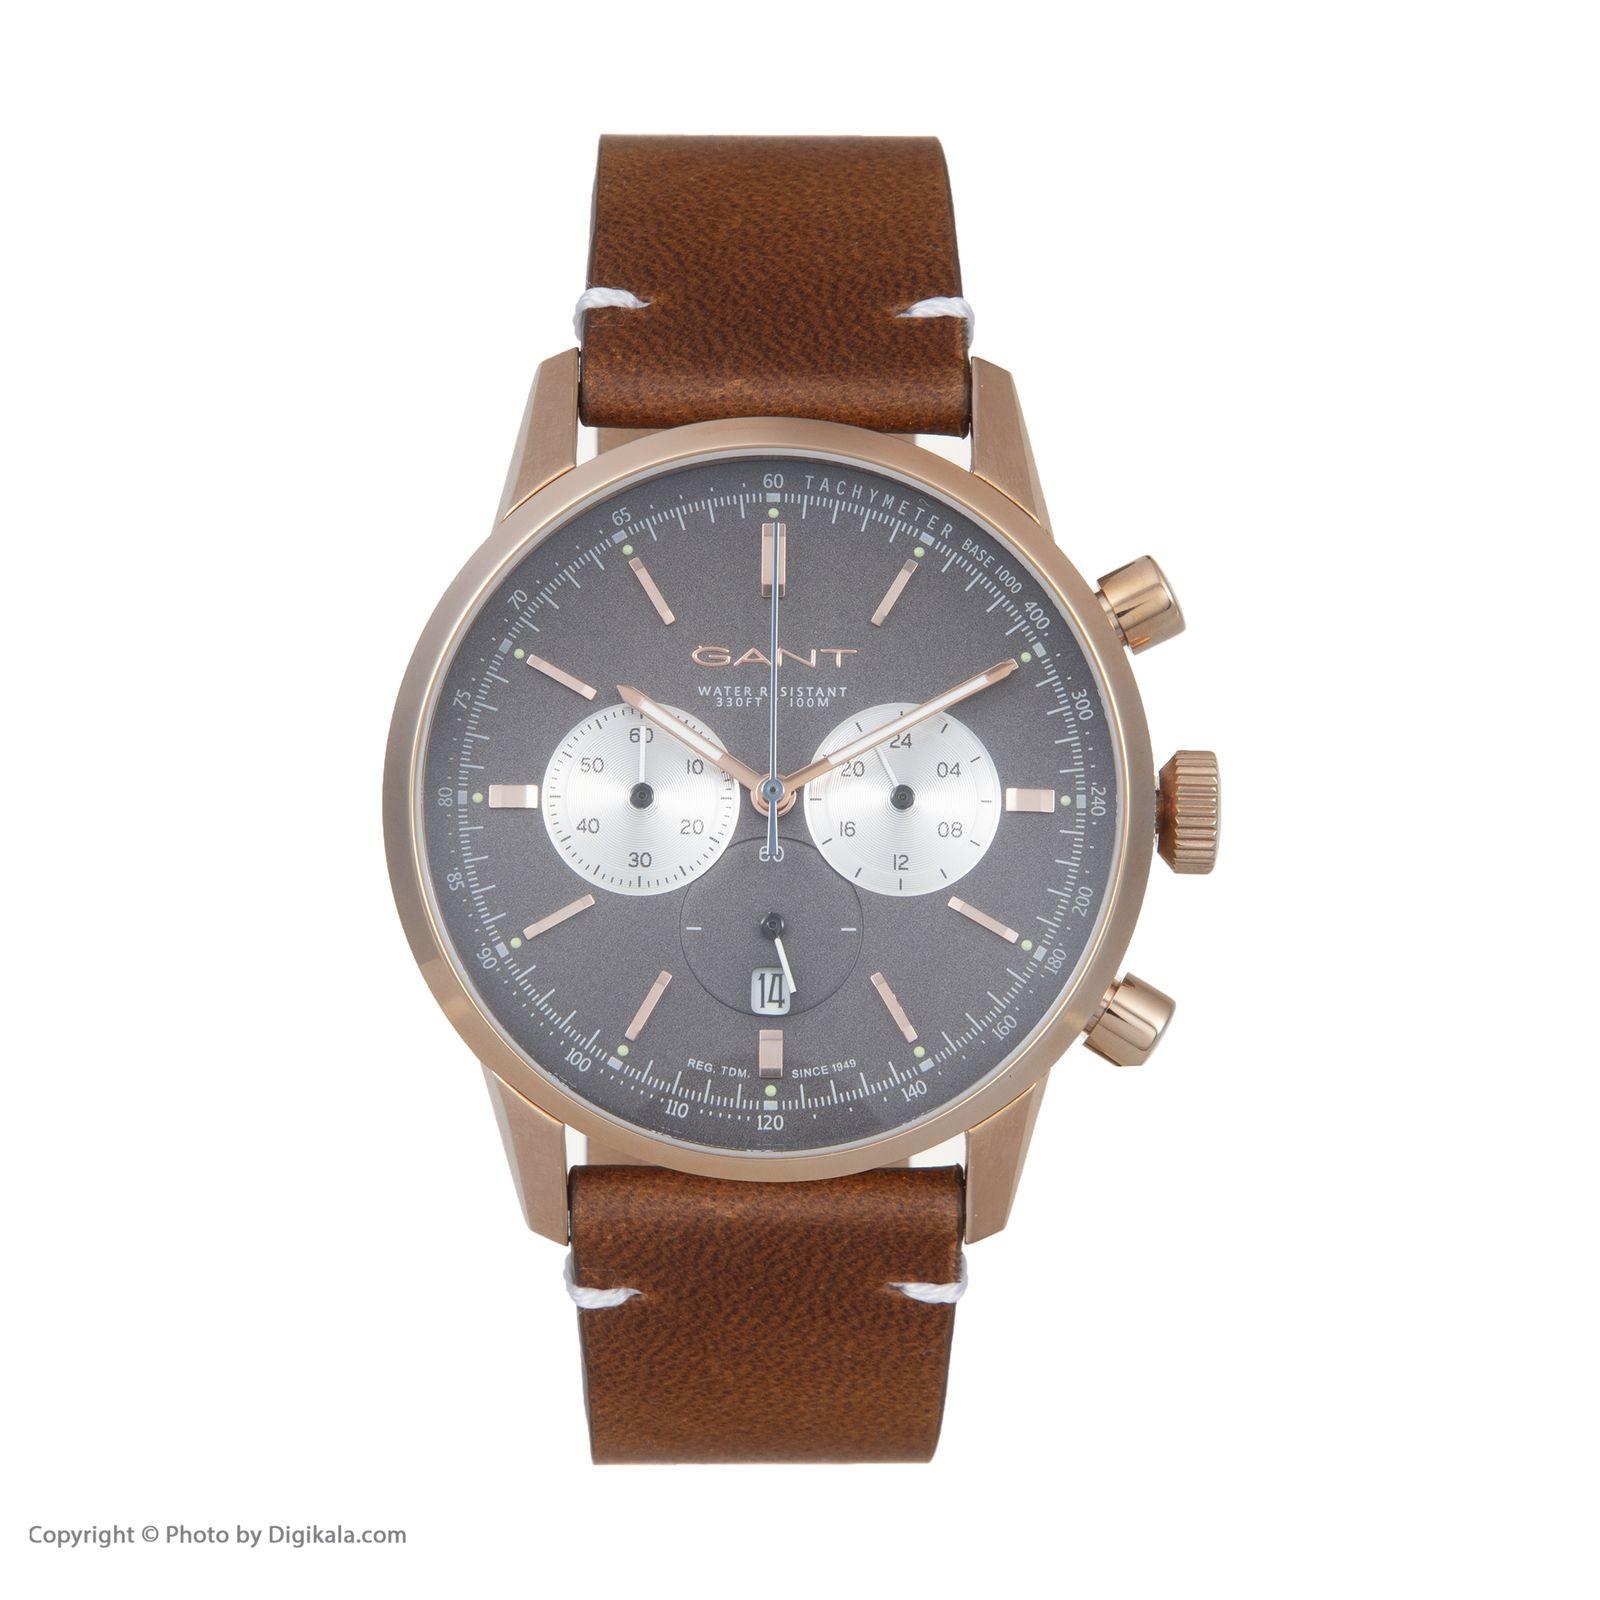 ساعت مچی عقربه ای مردانه گنت مدل GWW064005 -  - 3